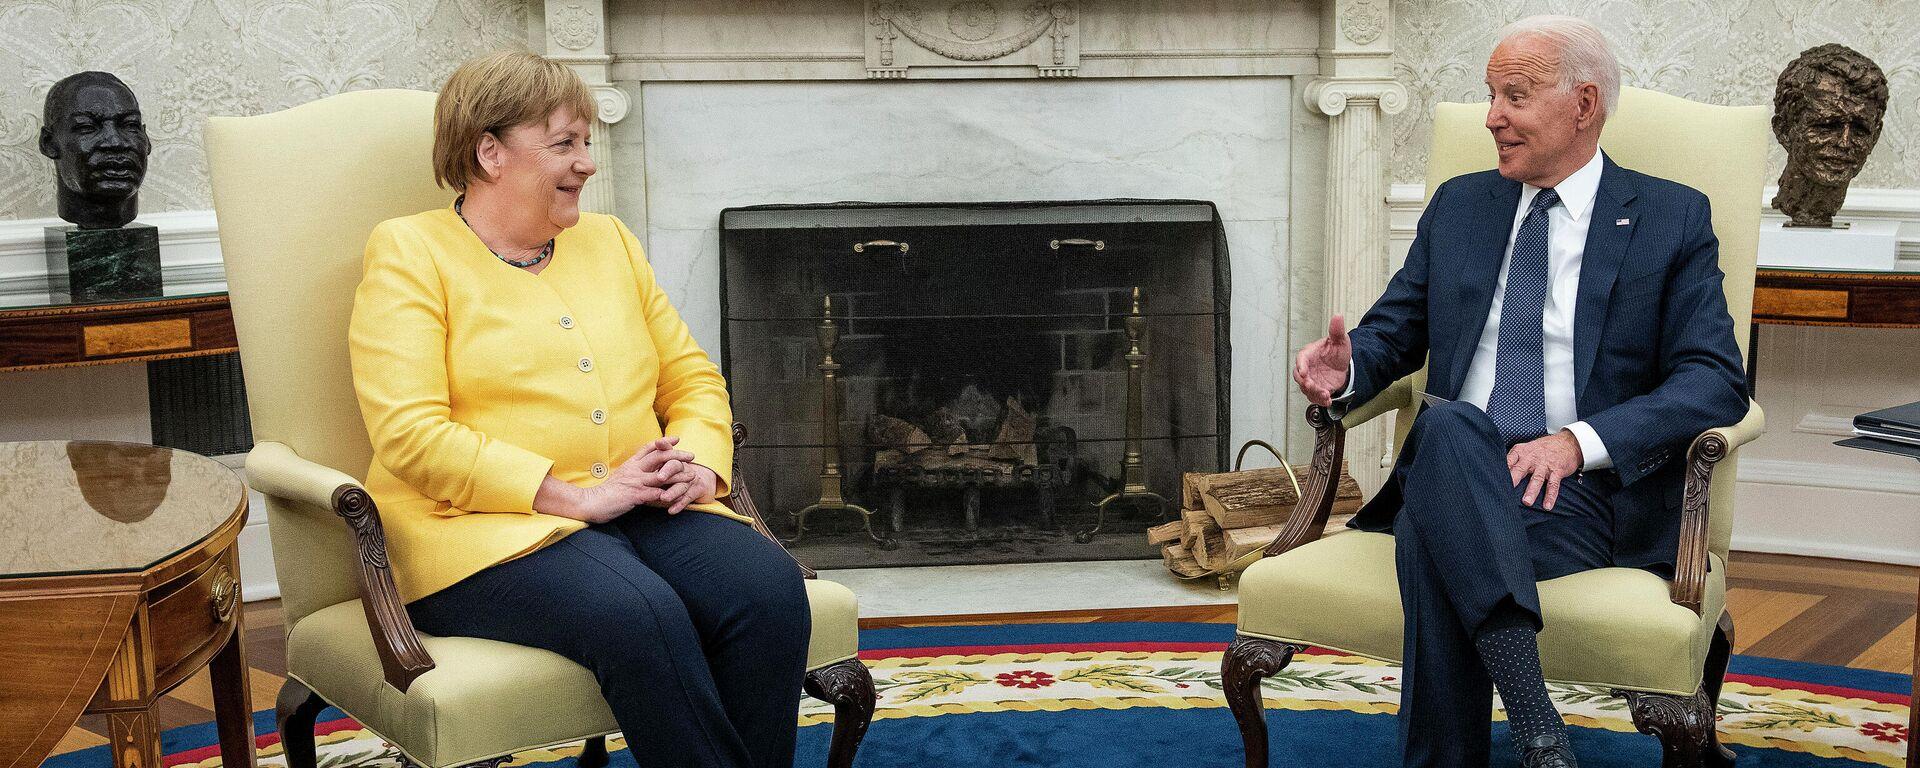 Verhandlungen zwischen Bundeskanzlerin Angela Merkel und US-Präsident Joe Biden im Weißen Haus. Washington, 15. Juli 2021 - SNA, 1920, 20.07.2021